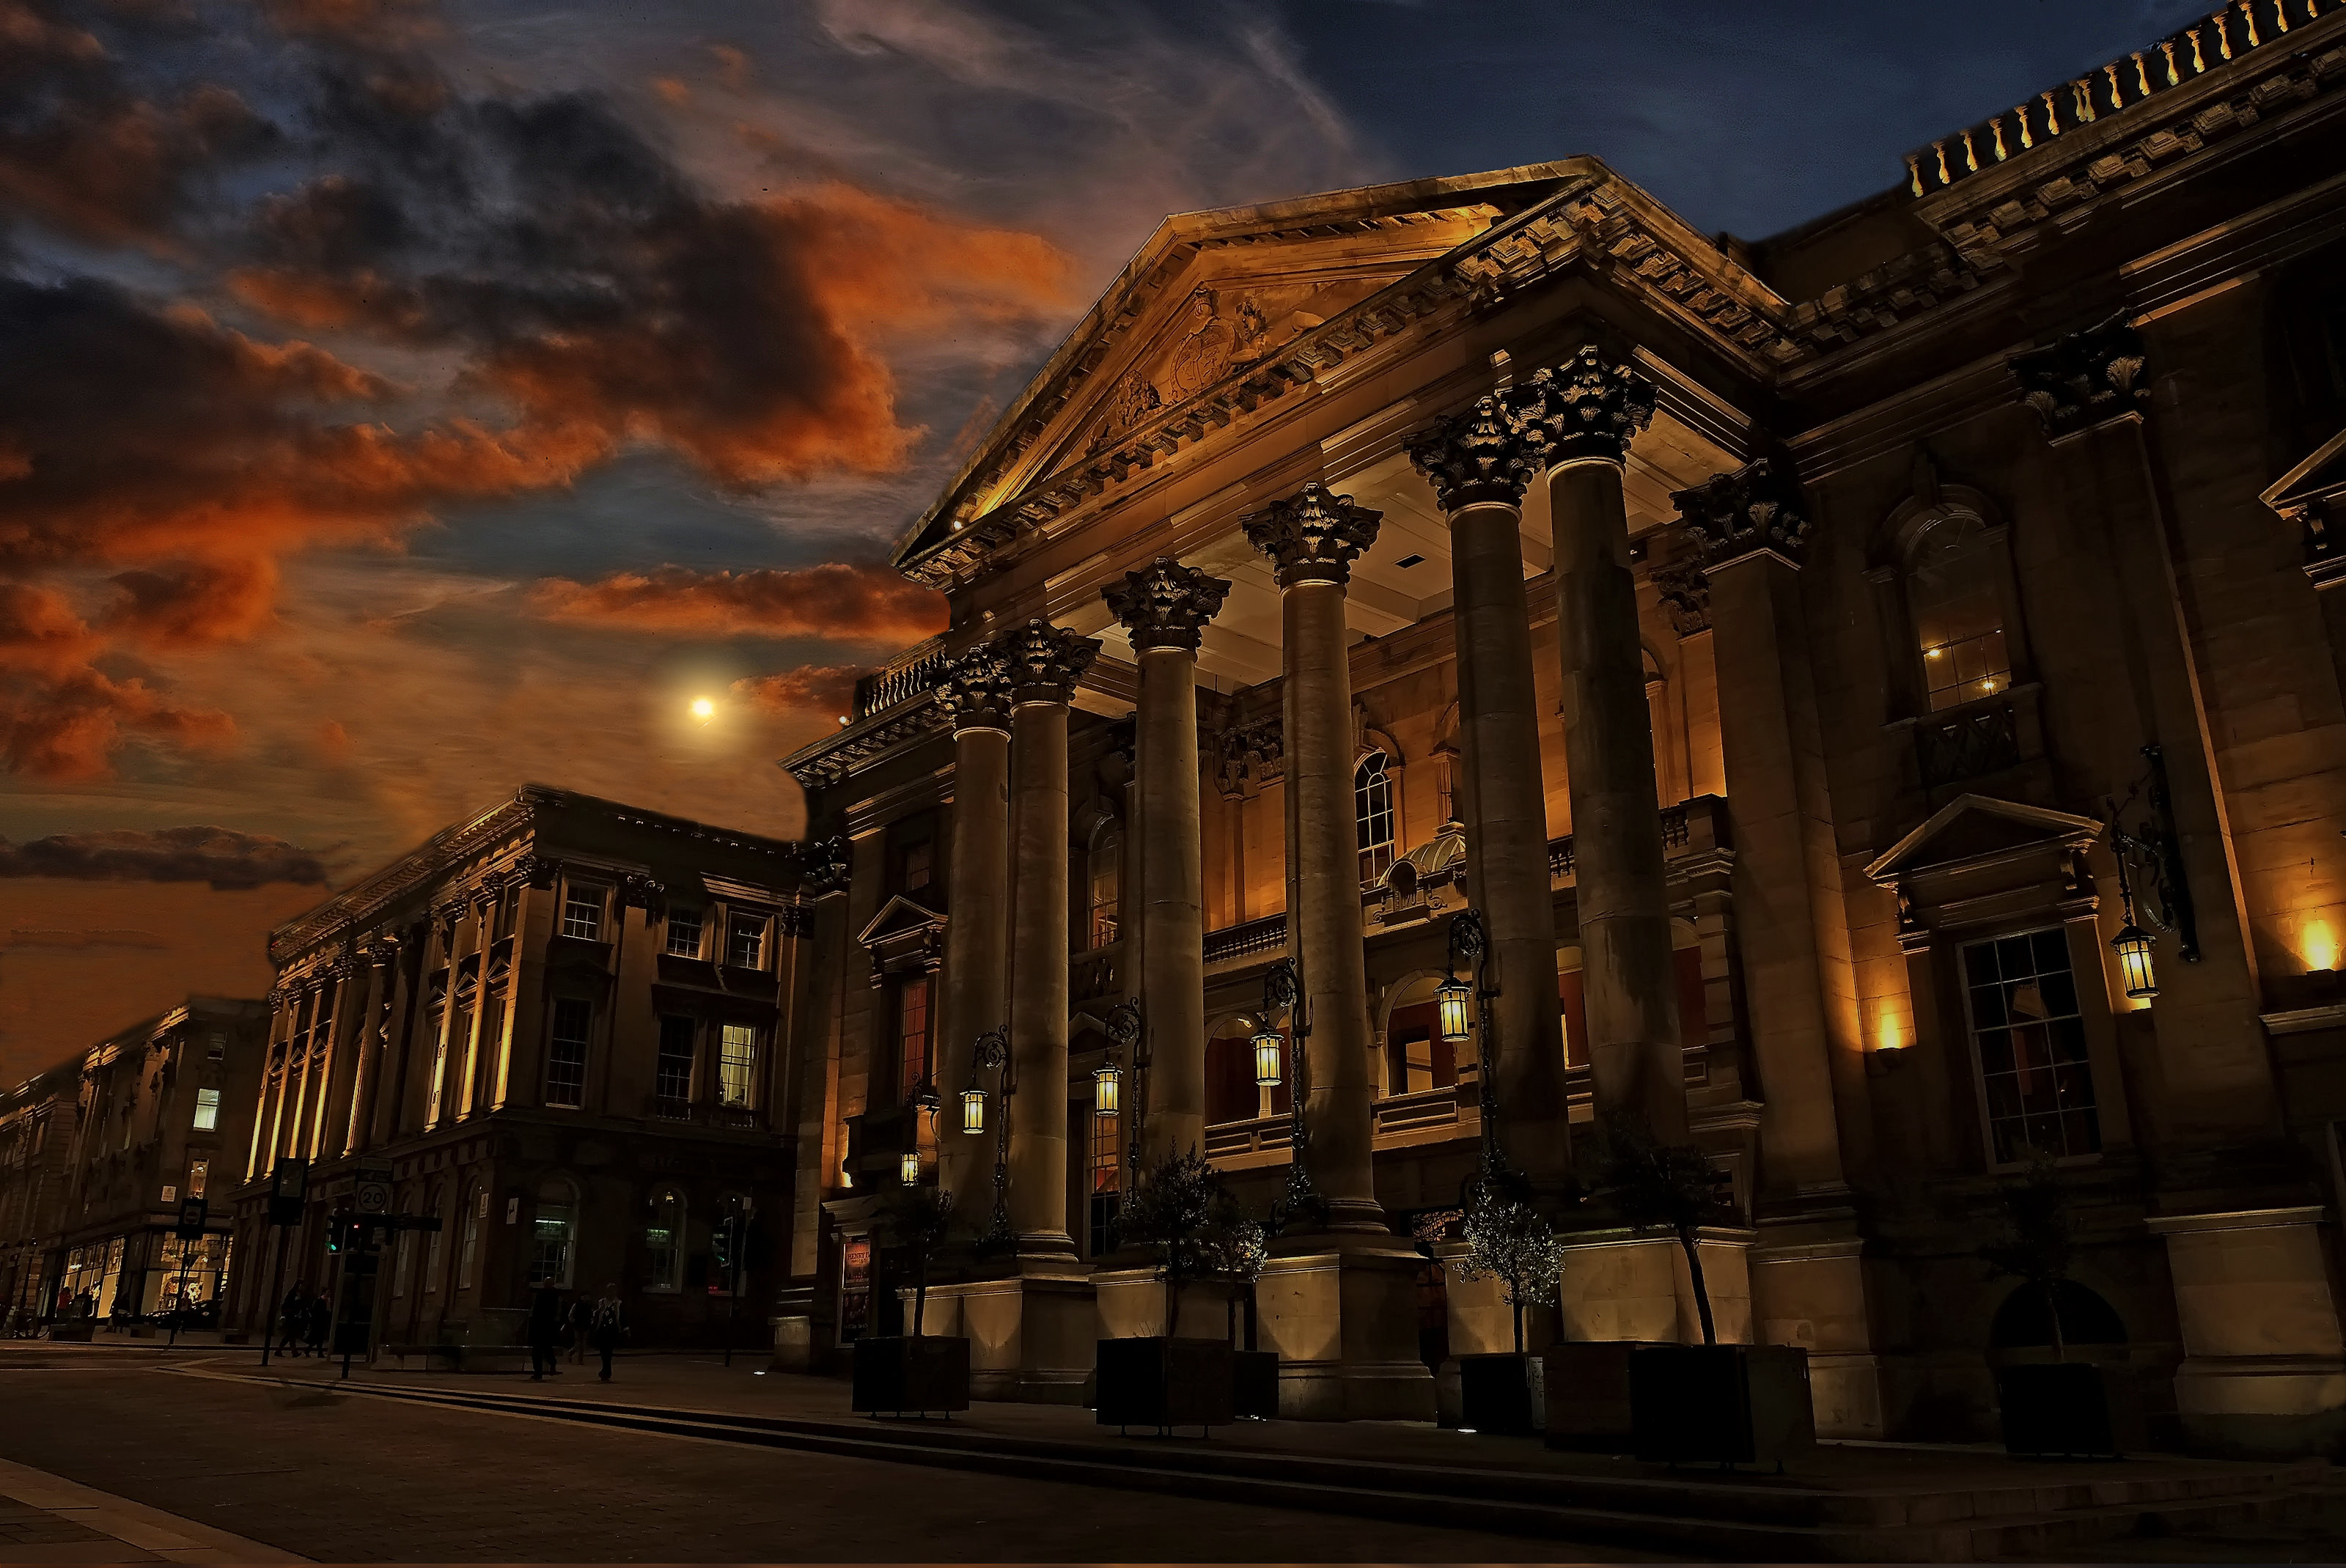 Обложки a night at the opera (2002)